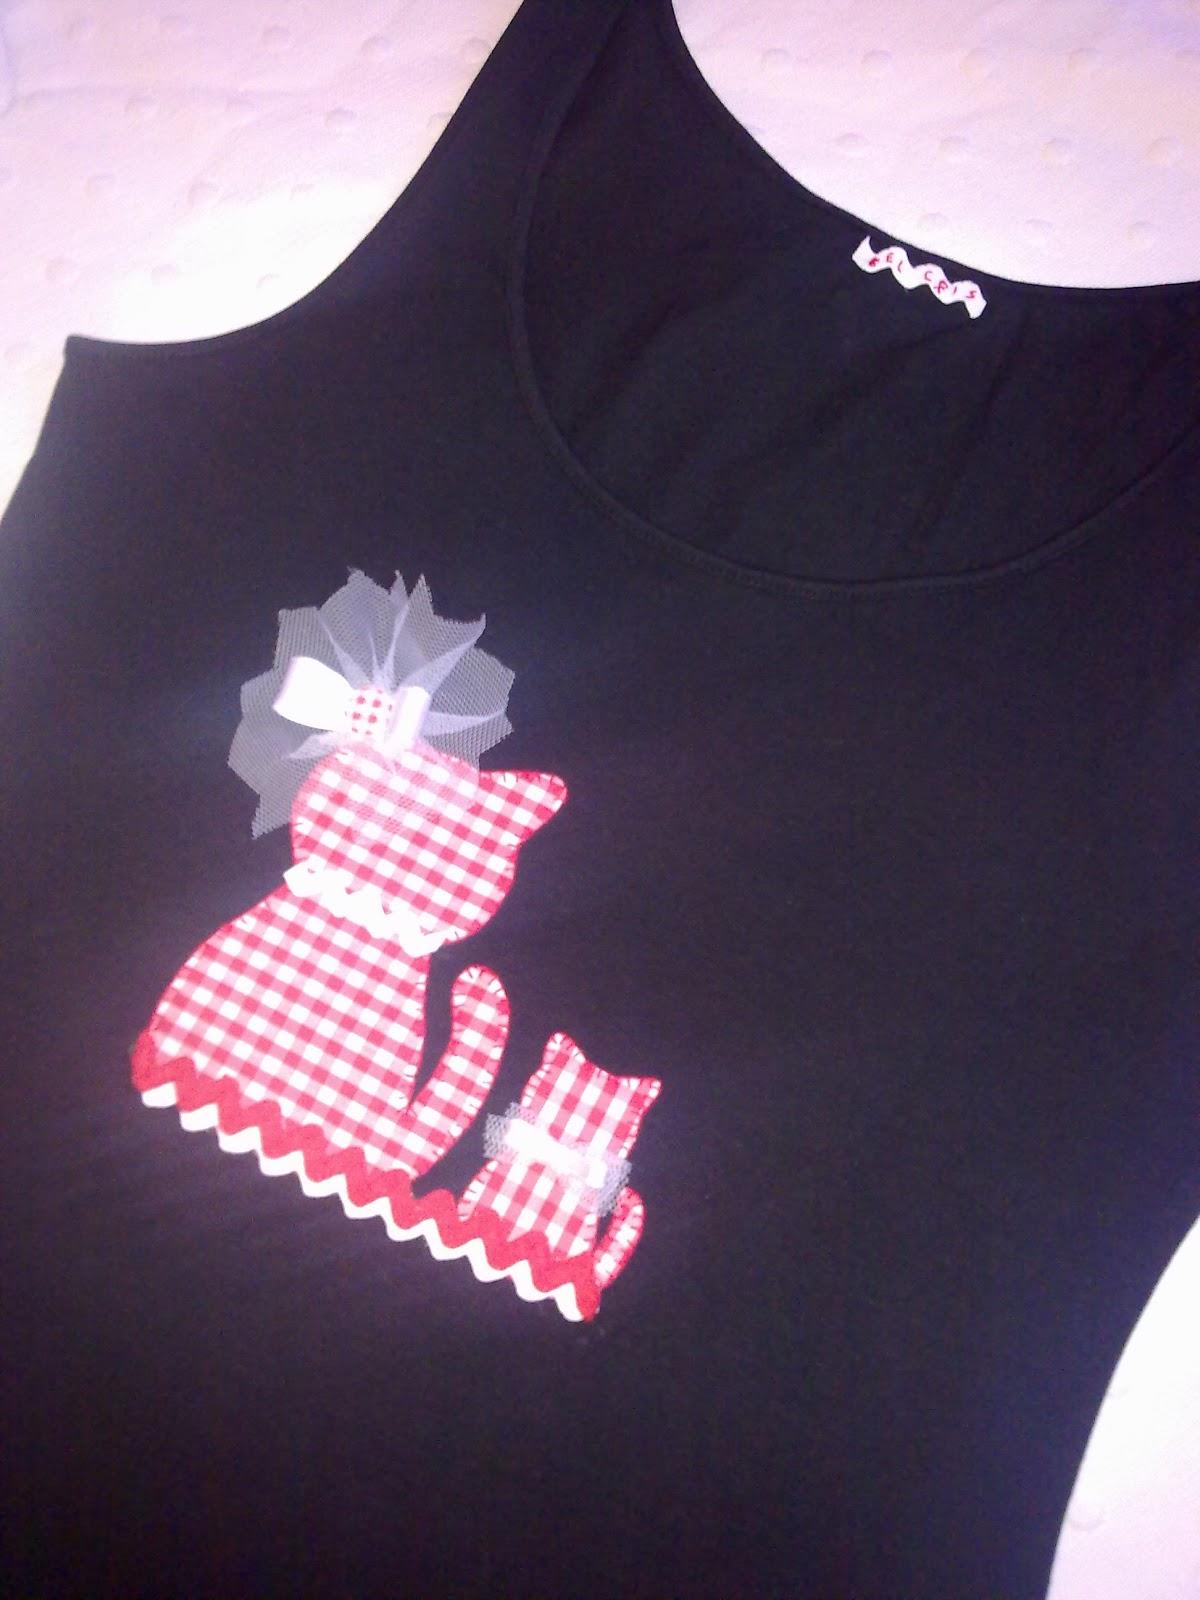 camiseta hecha a mano con detalle de gatos